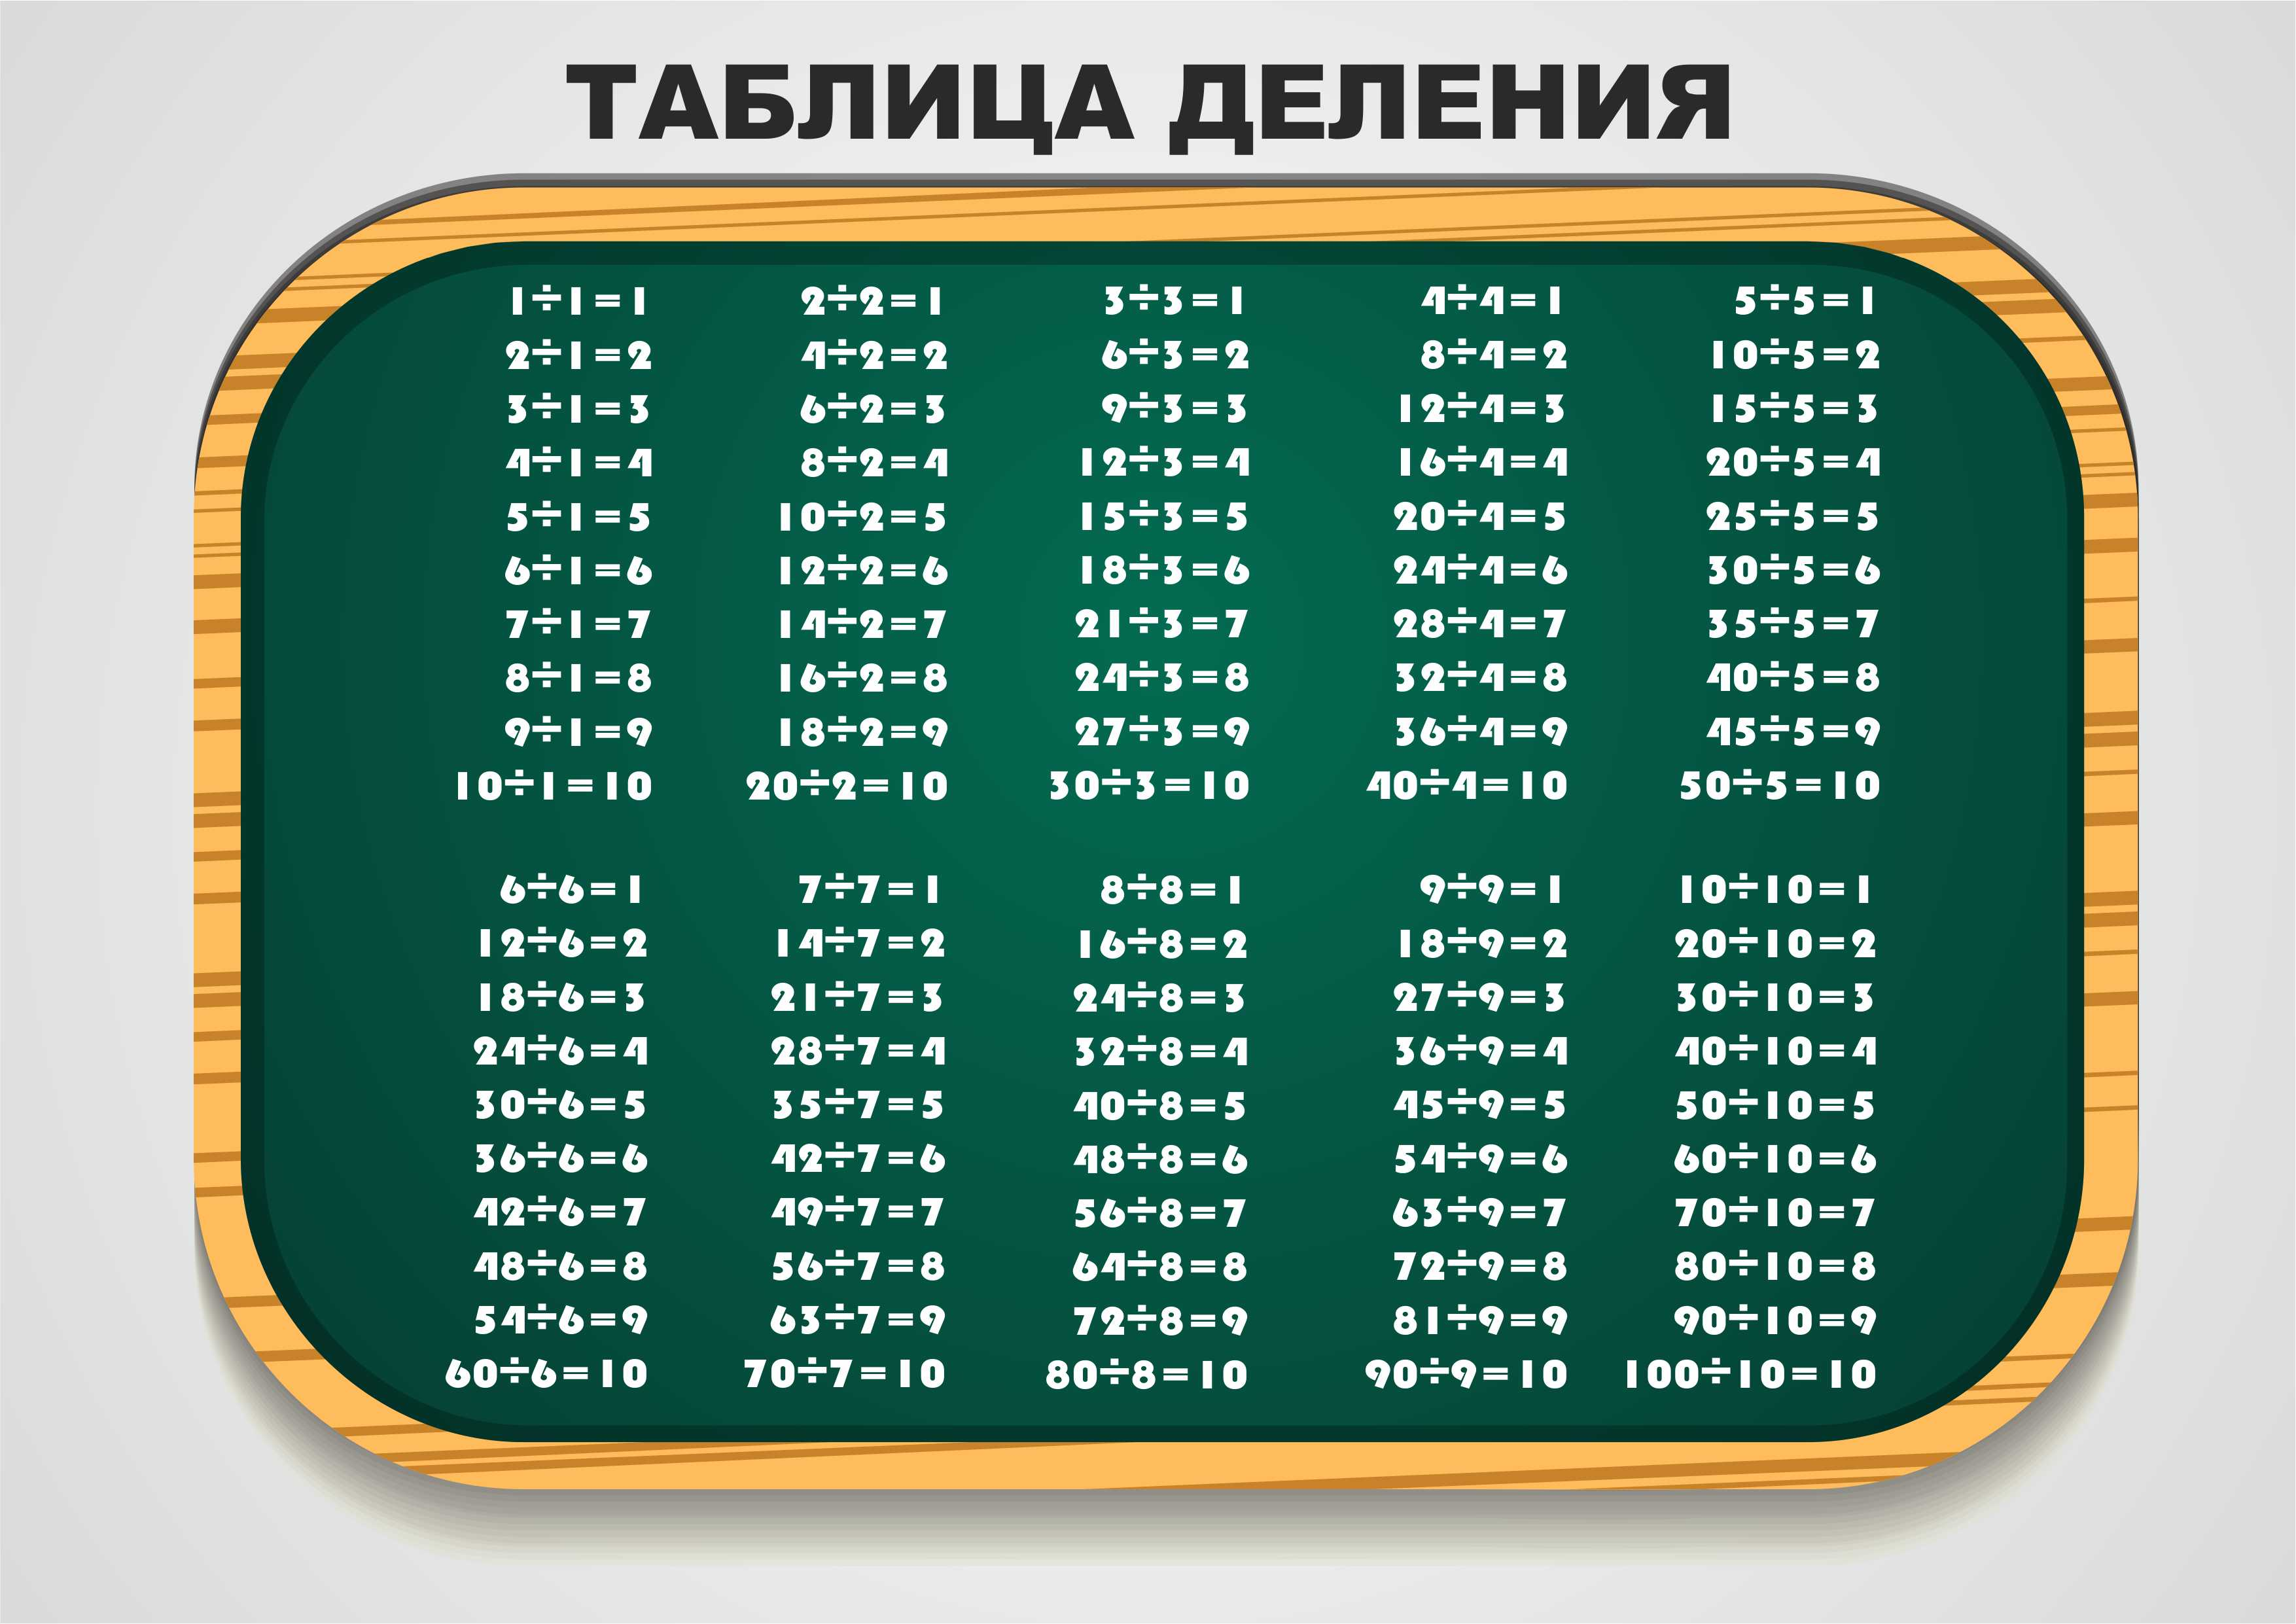 деления картинках таблицу скачать в